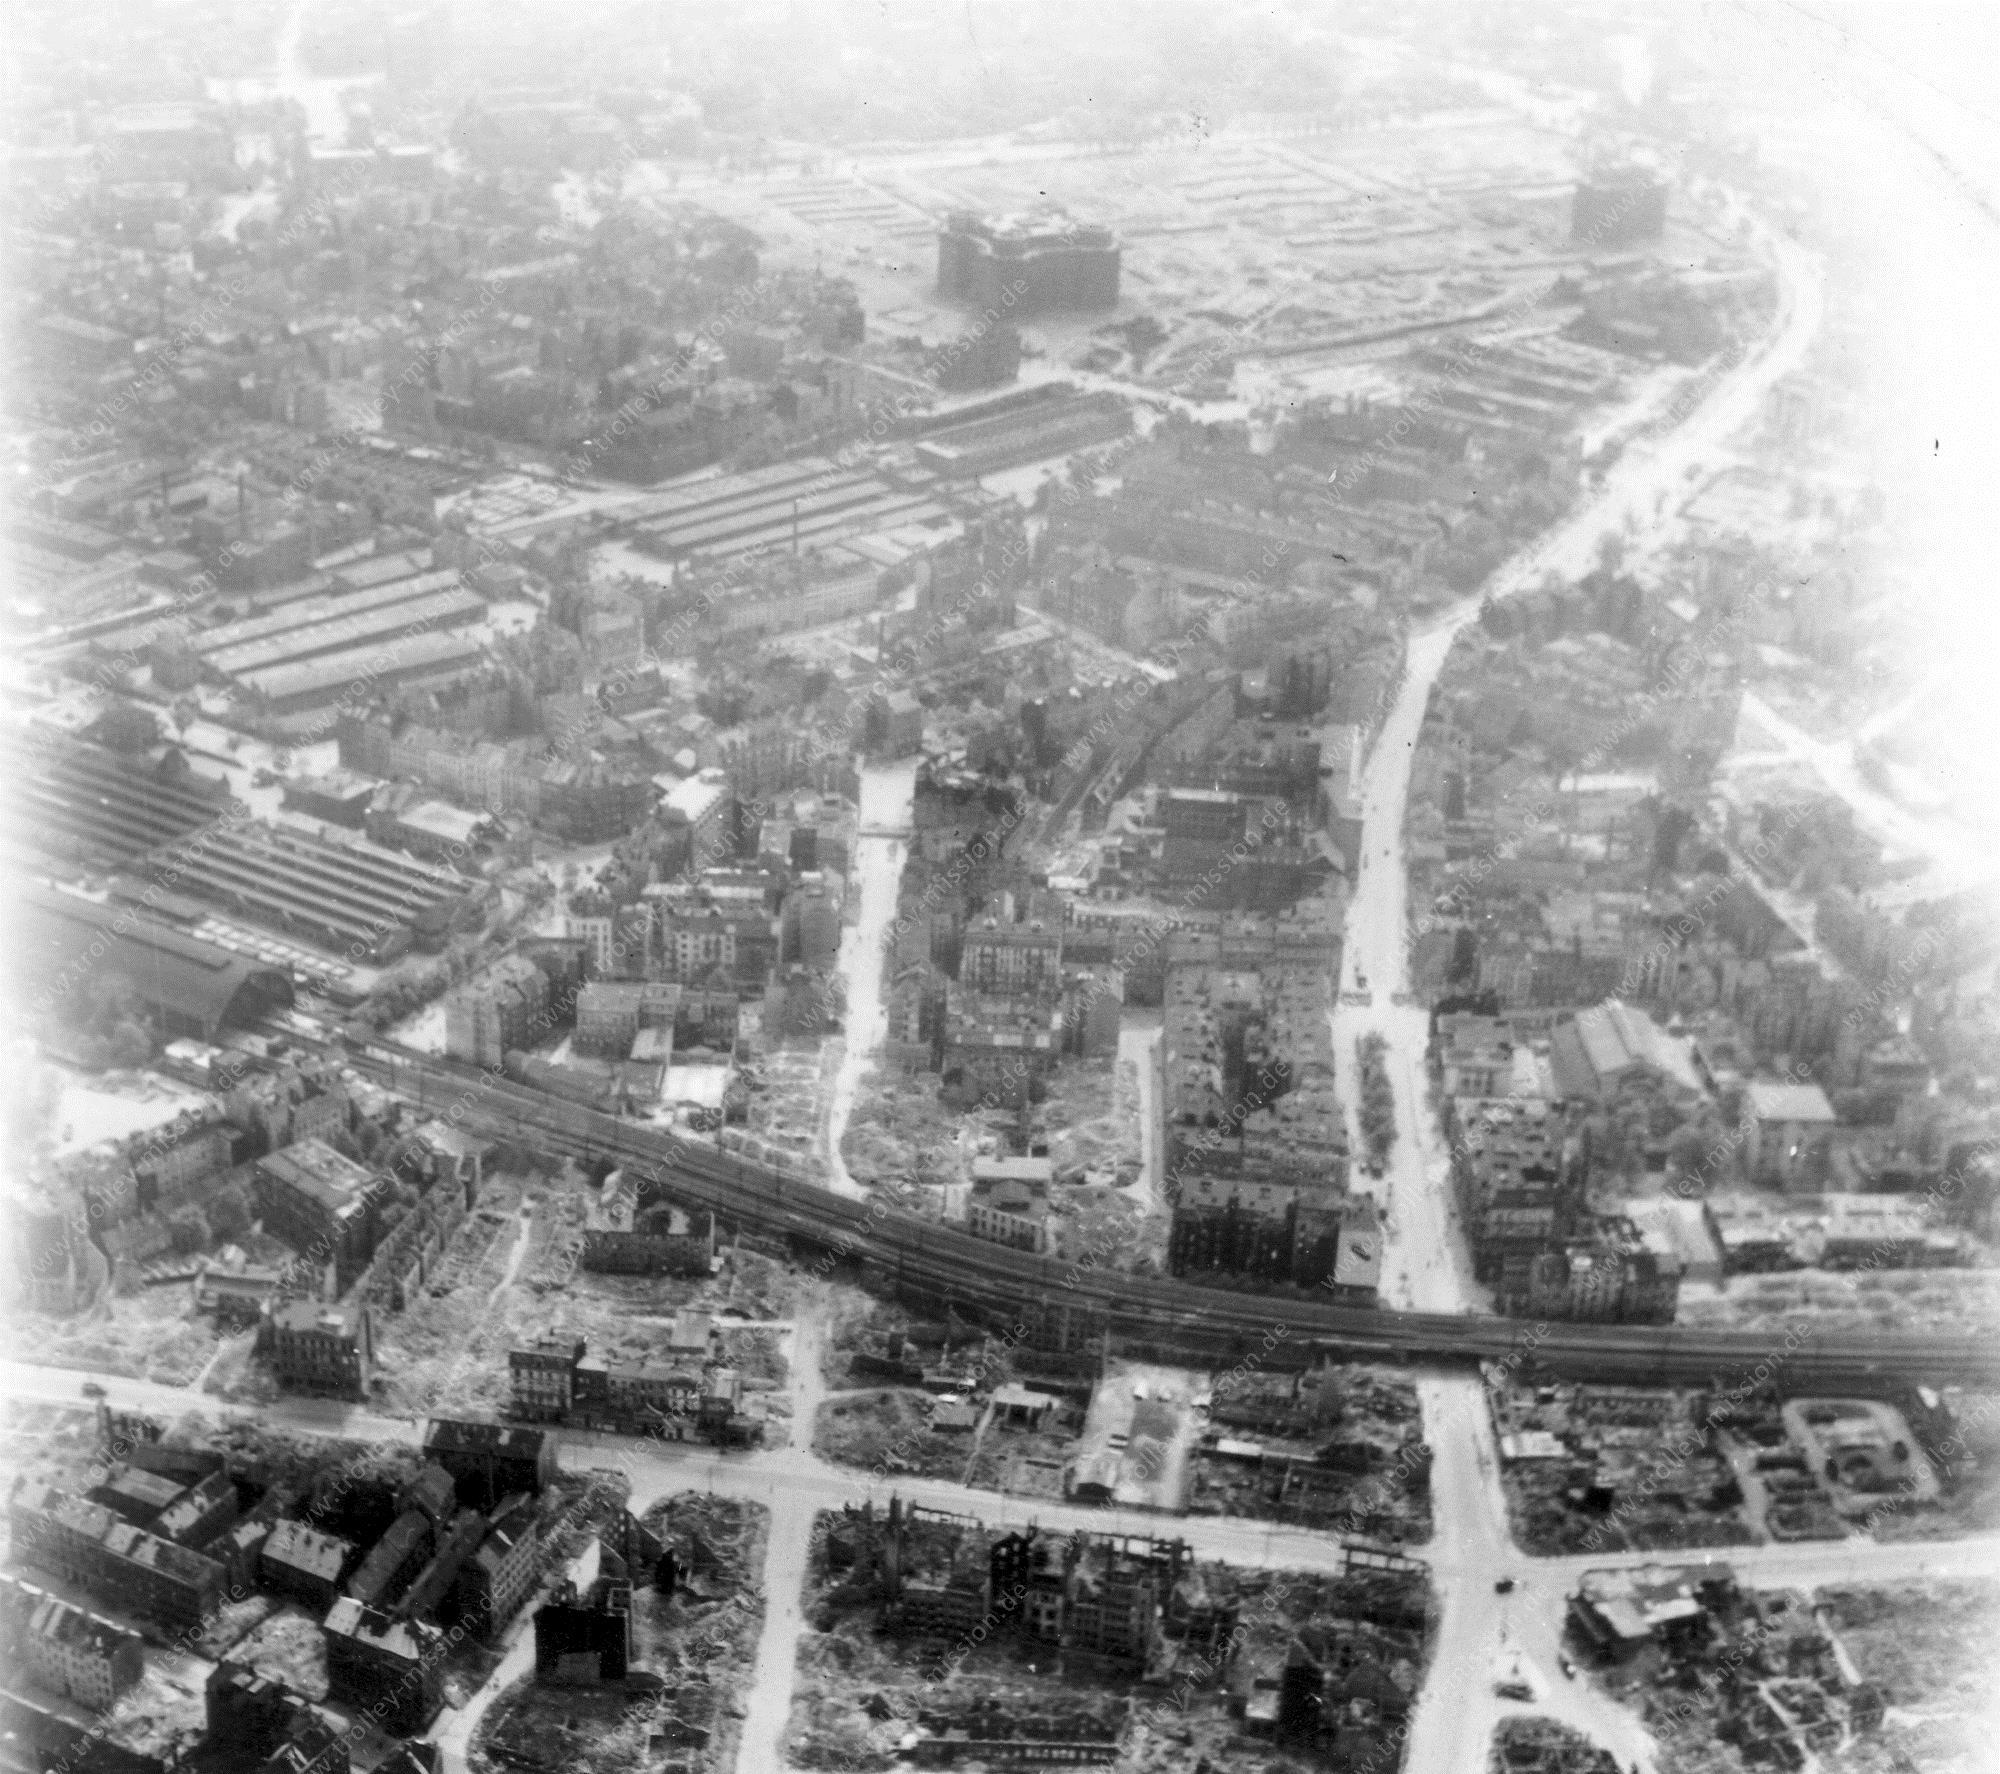 Hamburg Luftbild Bahnhof Sternschanze und Heiligengeistfeld mit Flaktürmen